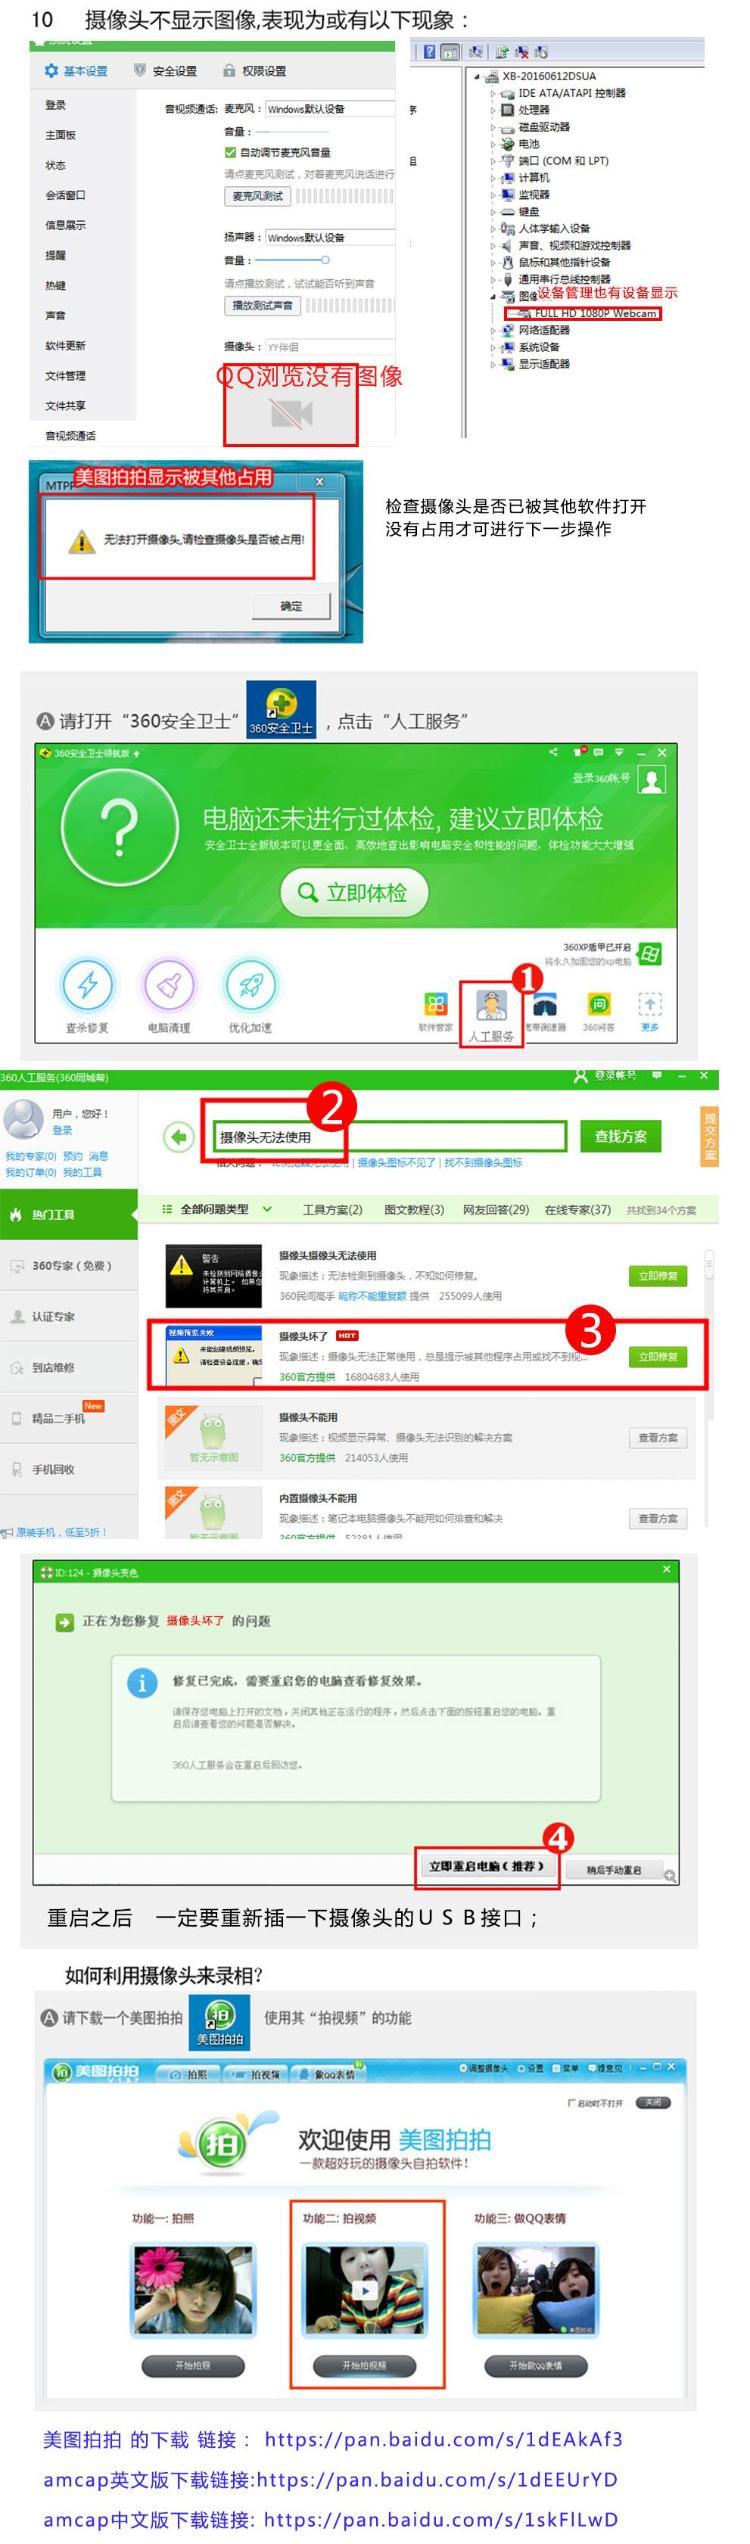 售后服务-汇博数码专营店-天猫Tmall.com2.JPG